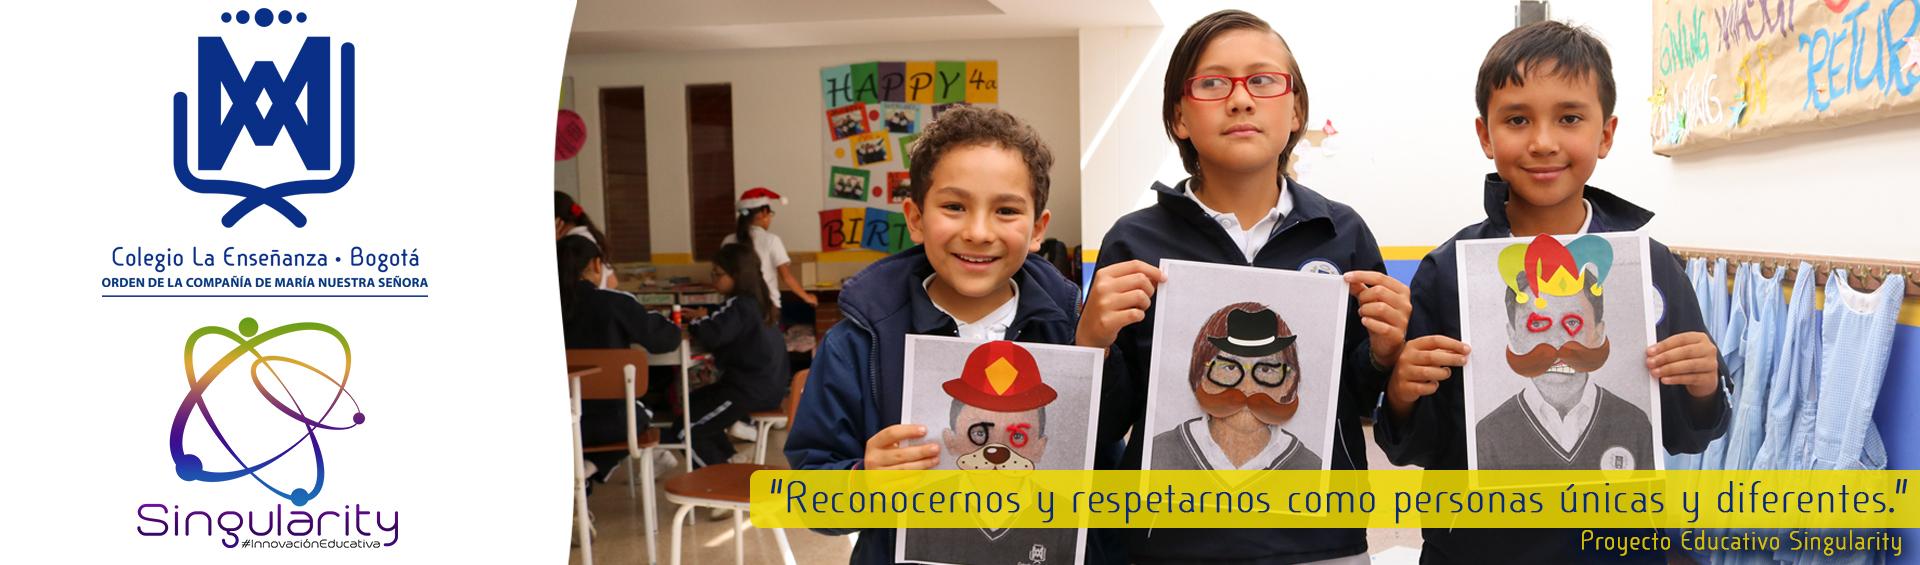 Colegio La Enseñanza Bogotá Norte Admisiones 2019 Mixto Catolico Educación